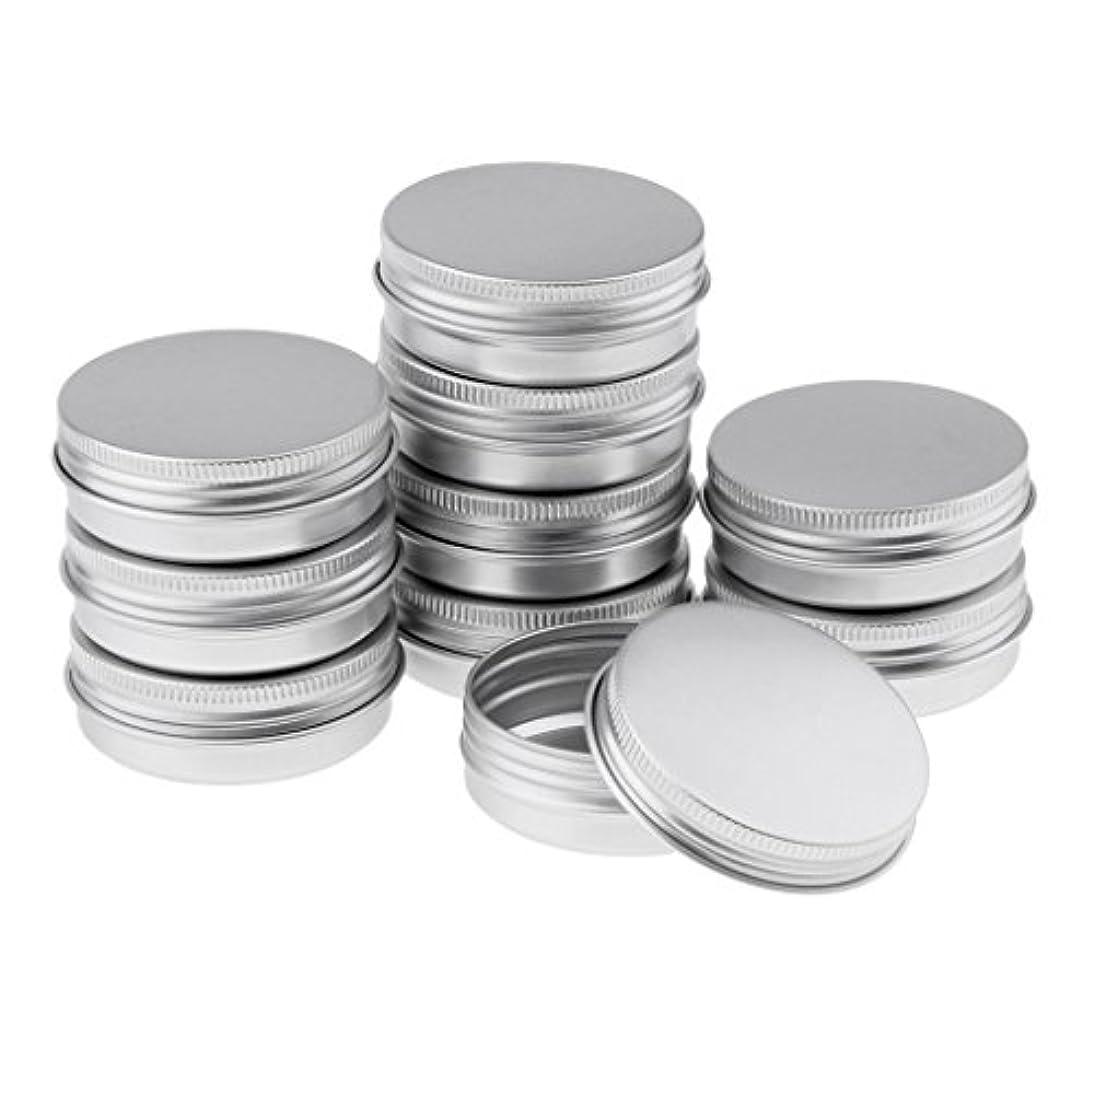 隠チラチラする輝度Blesiya 10個 アルミ容器 空缶 ジャー スクリュー蓋付き 収納箱 3サイズ選べる - 5.7x2.3 cm